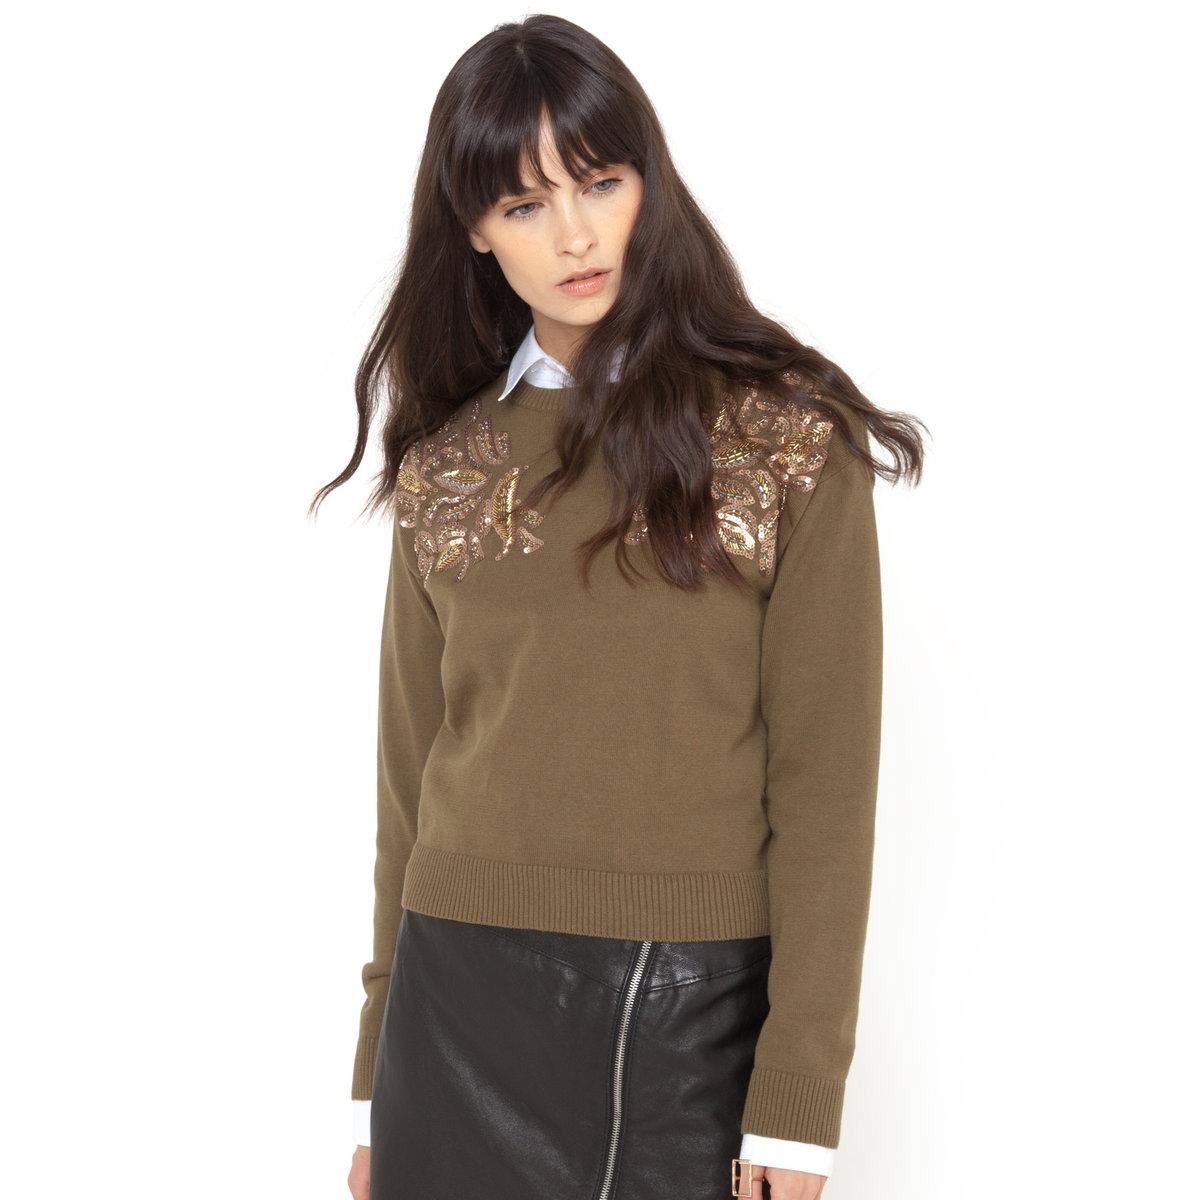 Пуловер с пайеткамиПуловер из 100% хлопка. Пайетки и бусины украшают плечи. Длинные рукава. Круглый вырез. Длина 52 см.<br><br>Цвет: оливковый,оранжевый<br>Размер: 42/44 (FR) - 48/50 (RUS)